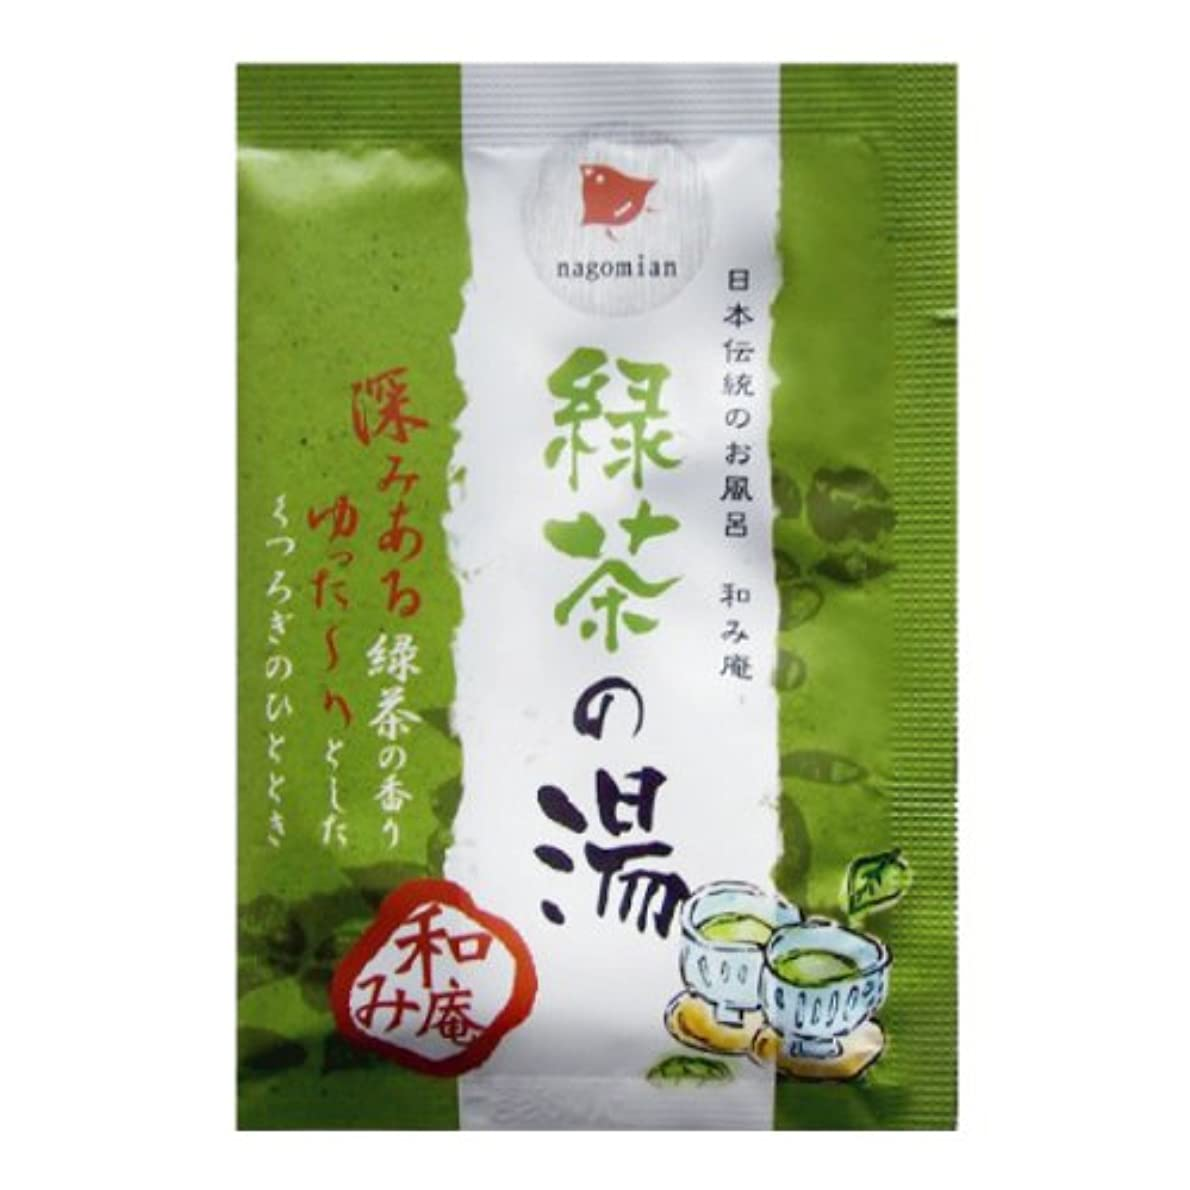 放出シットコム放置日本伝統のお風呂 和み庵 緑茶の湯 200包